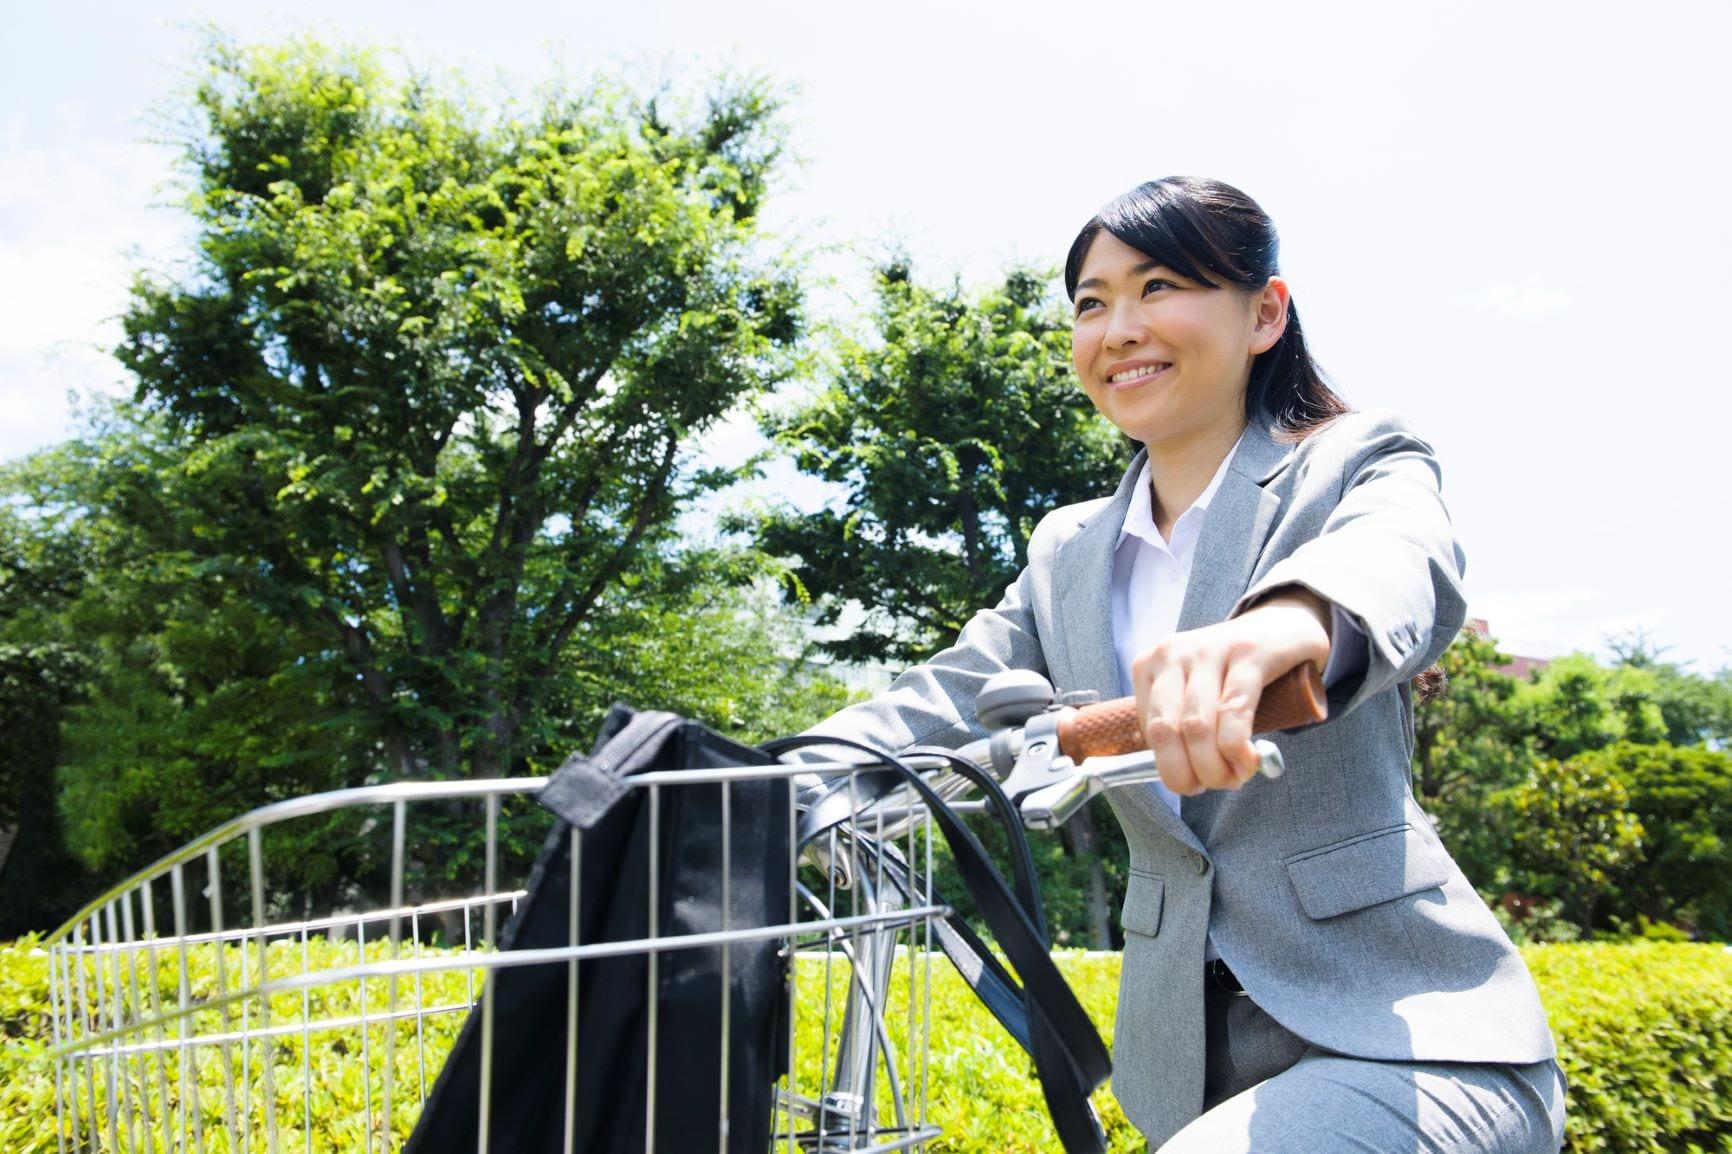 自転車通勤 距離 目安 最適 時間 限界